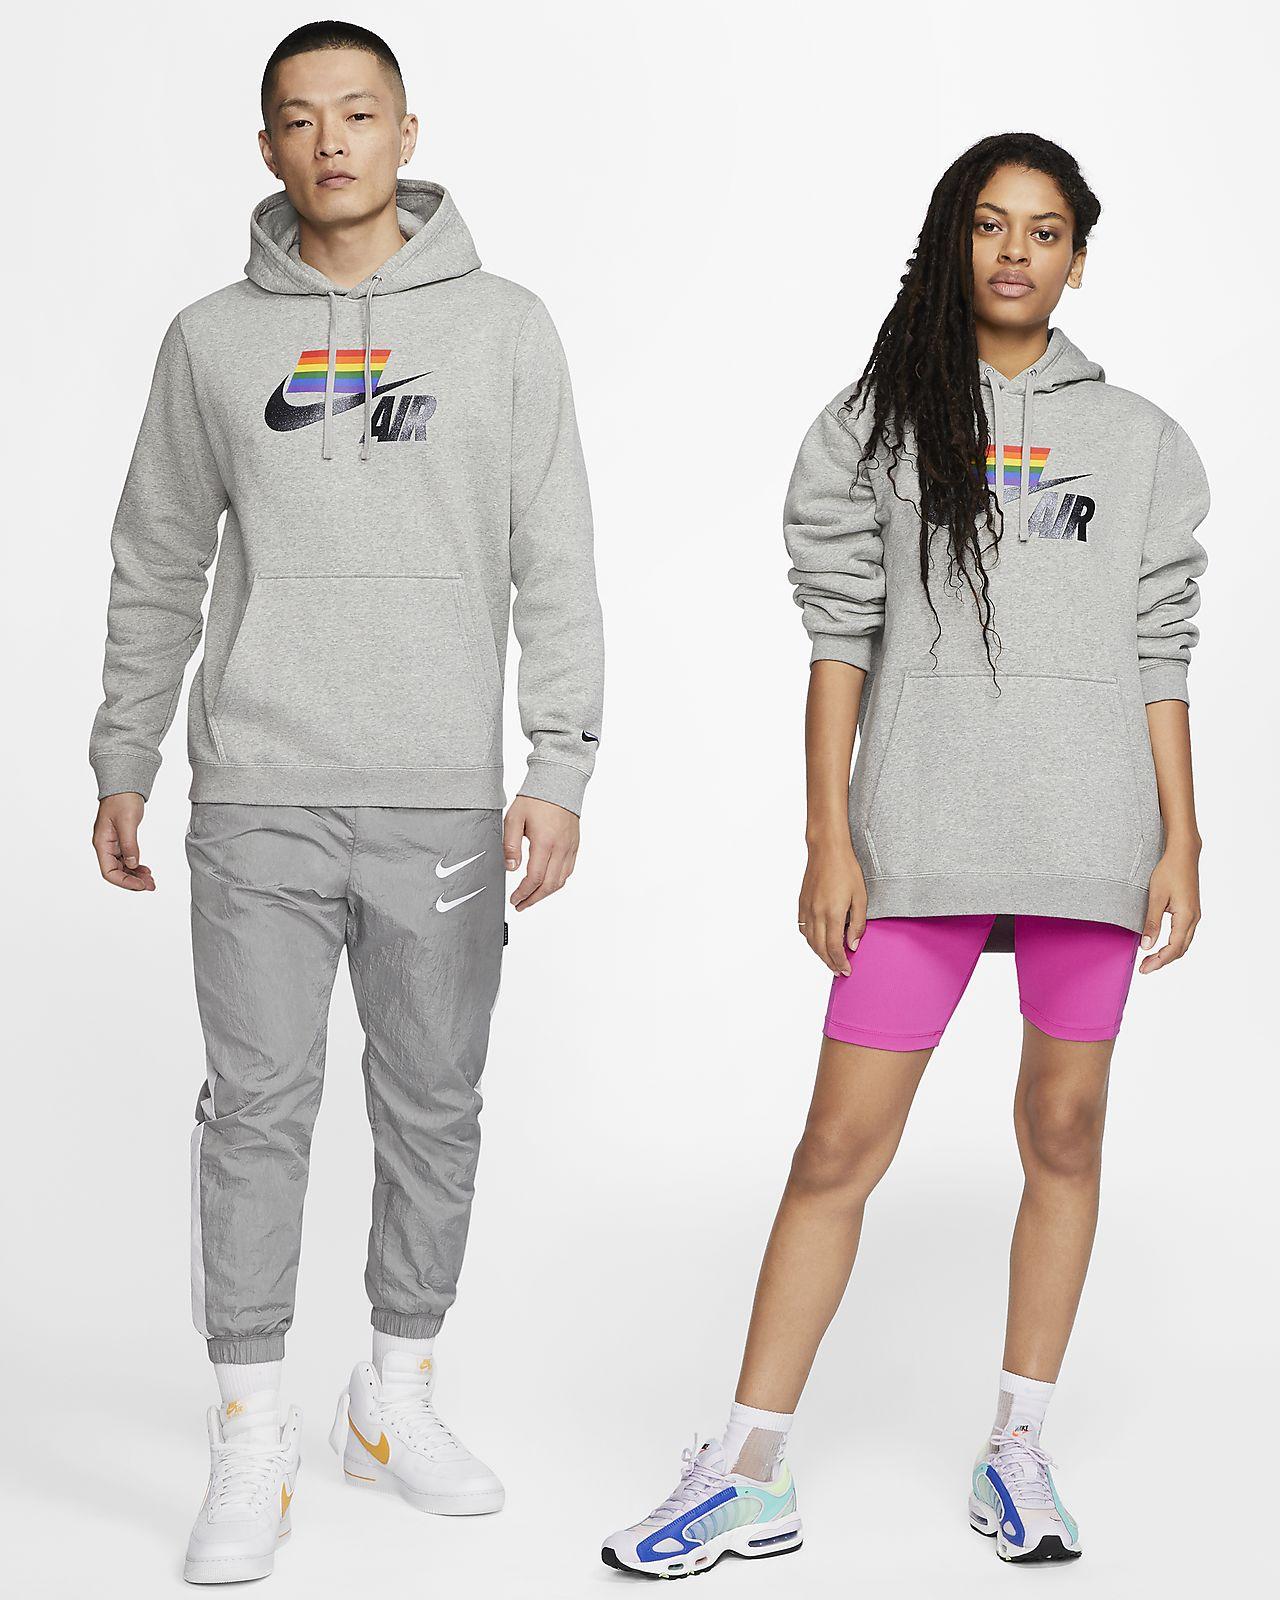 Nike BETRUE Men's Pullover Hoodie